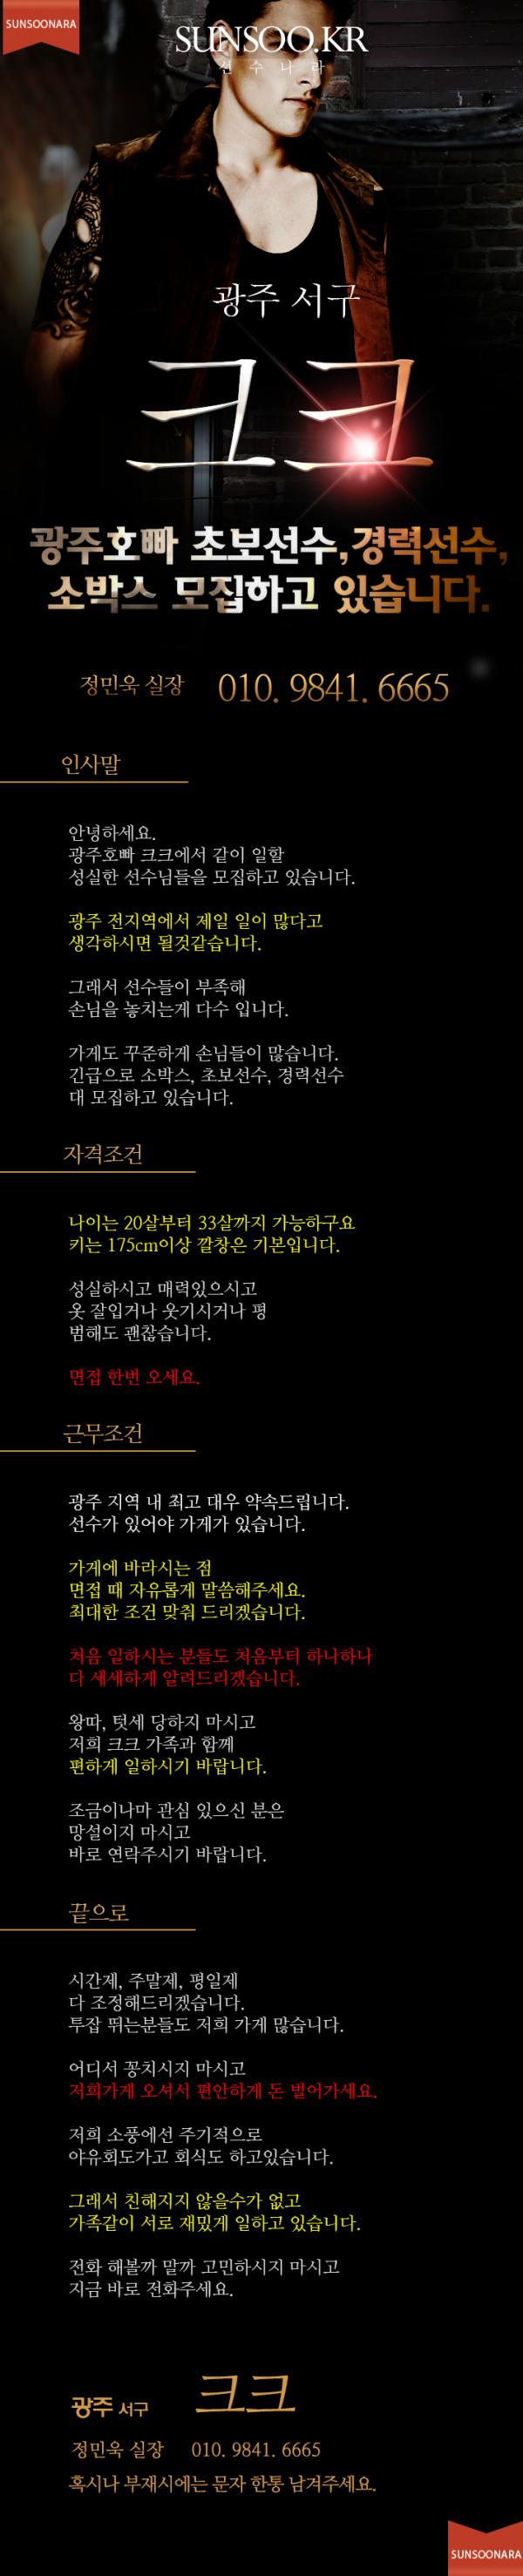 광주 크크.png